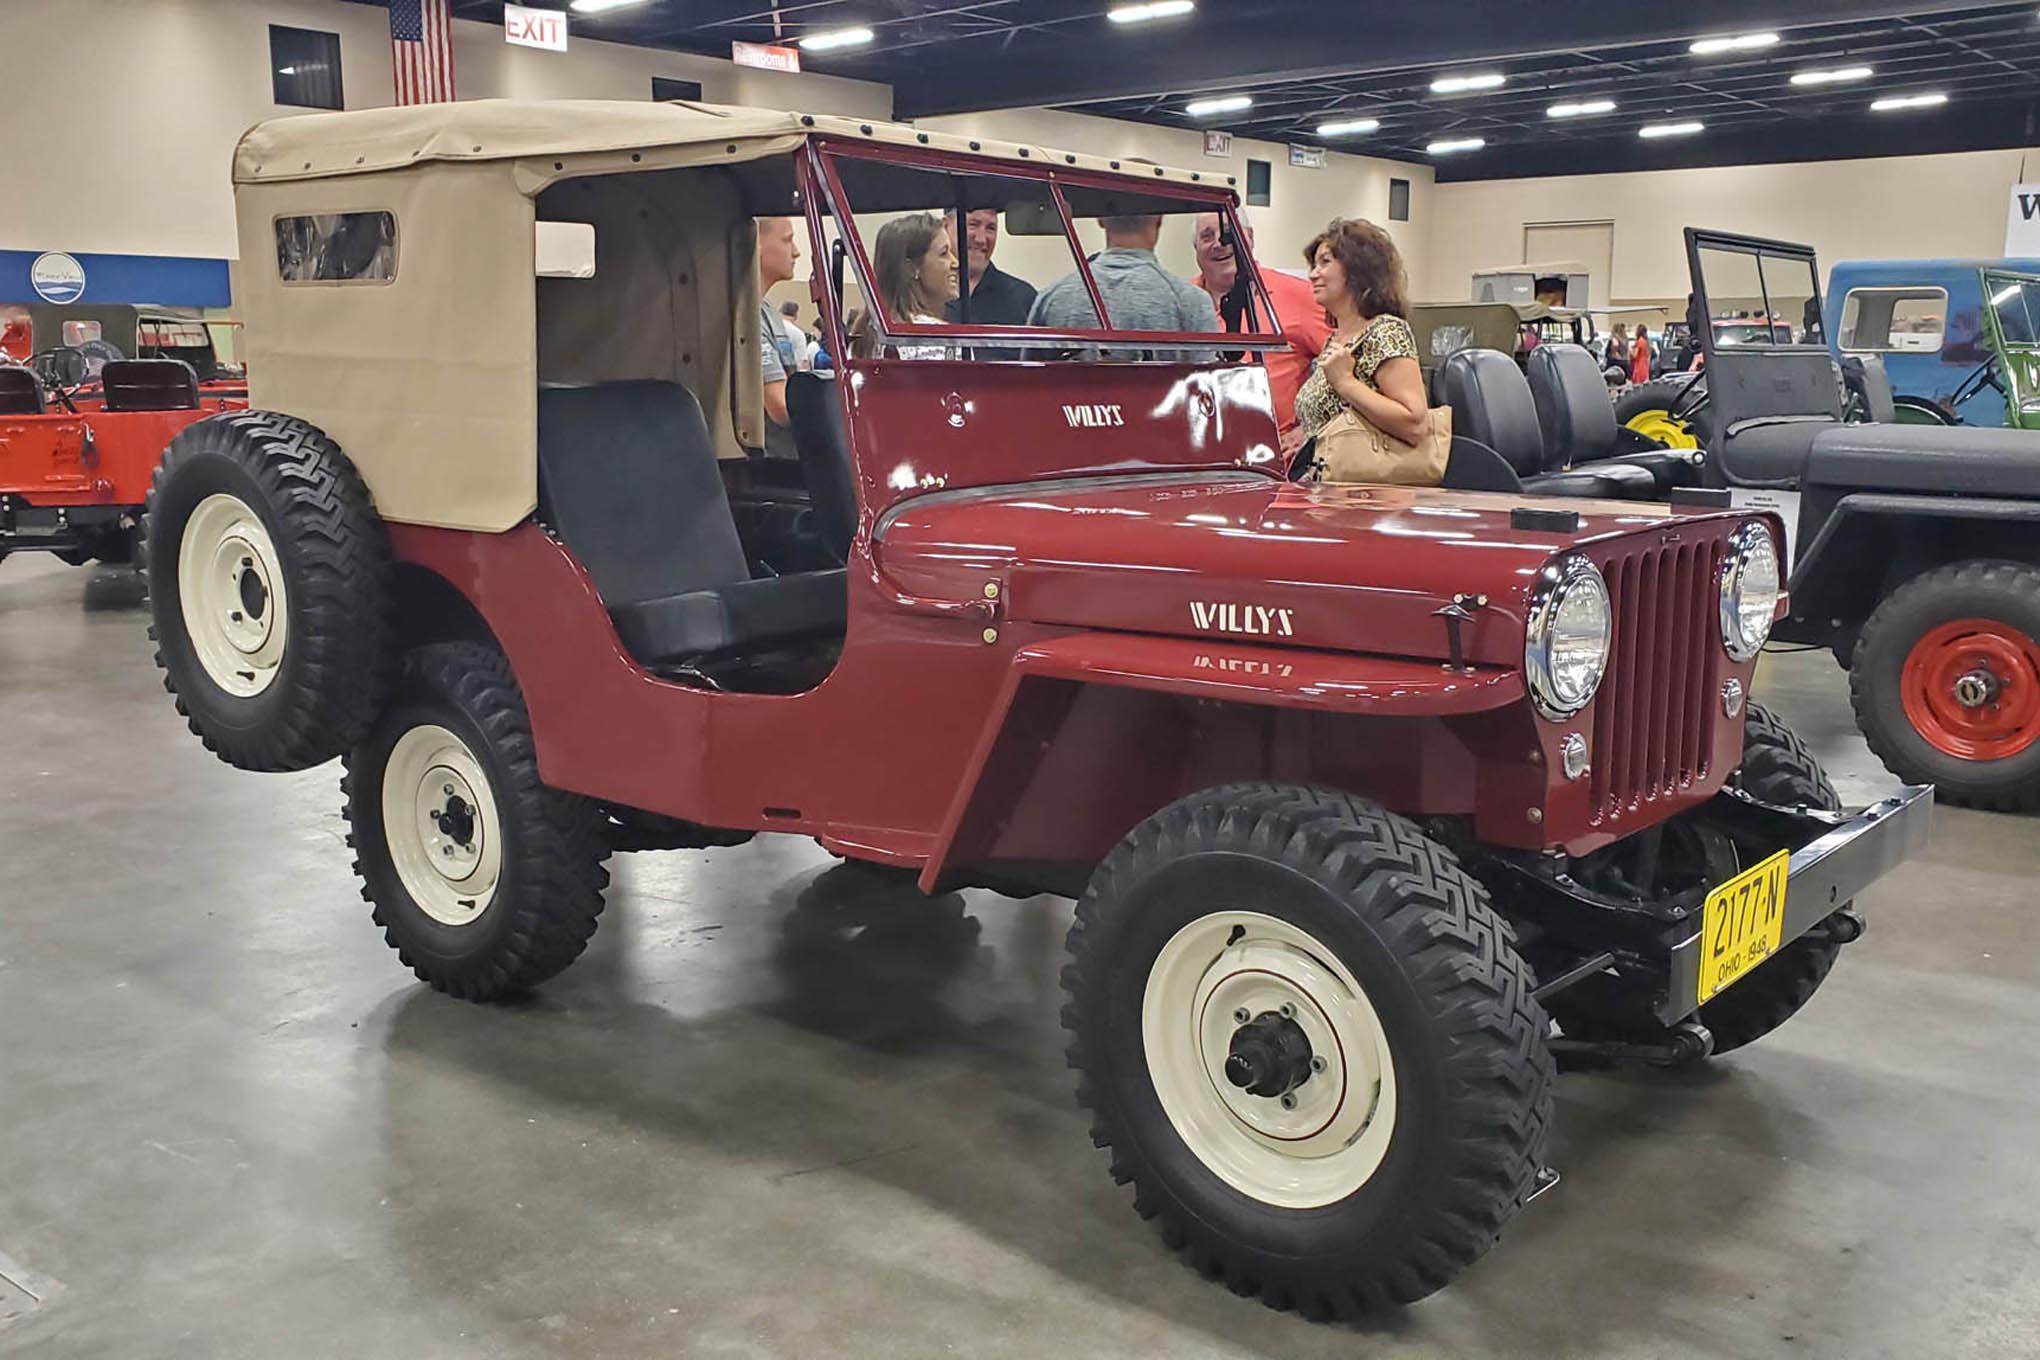 017 toledo jeep fest seagate 2a